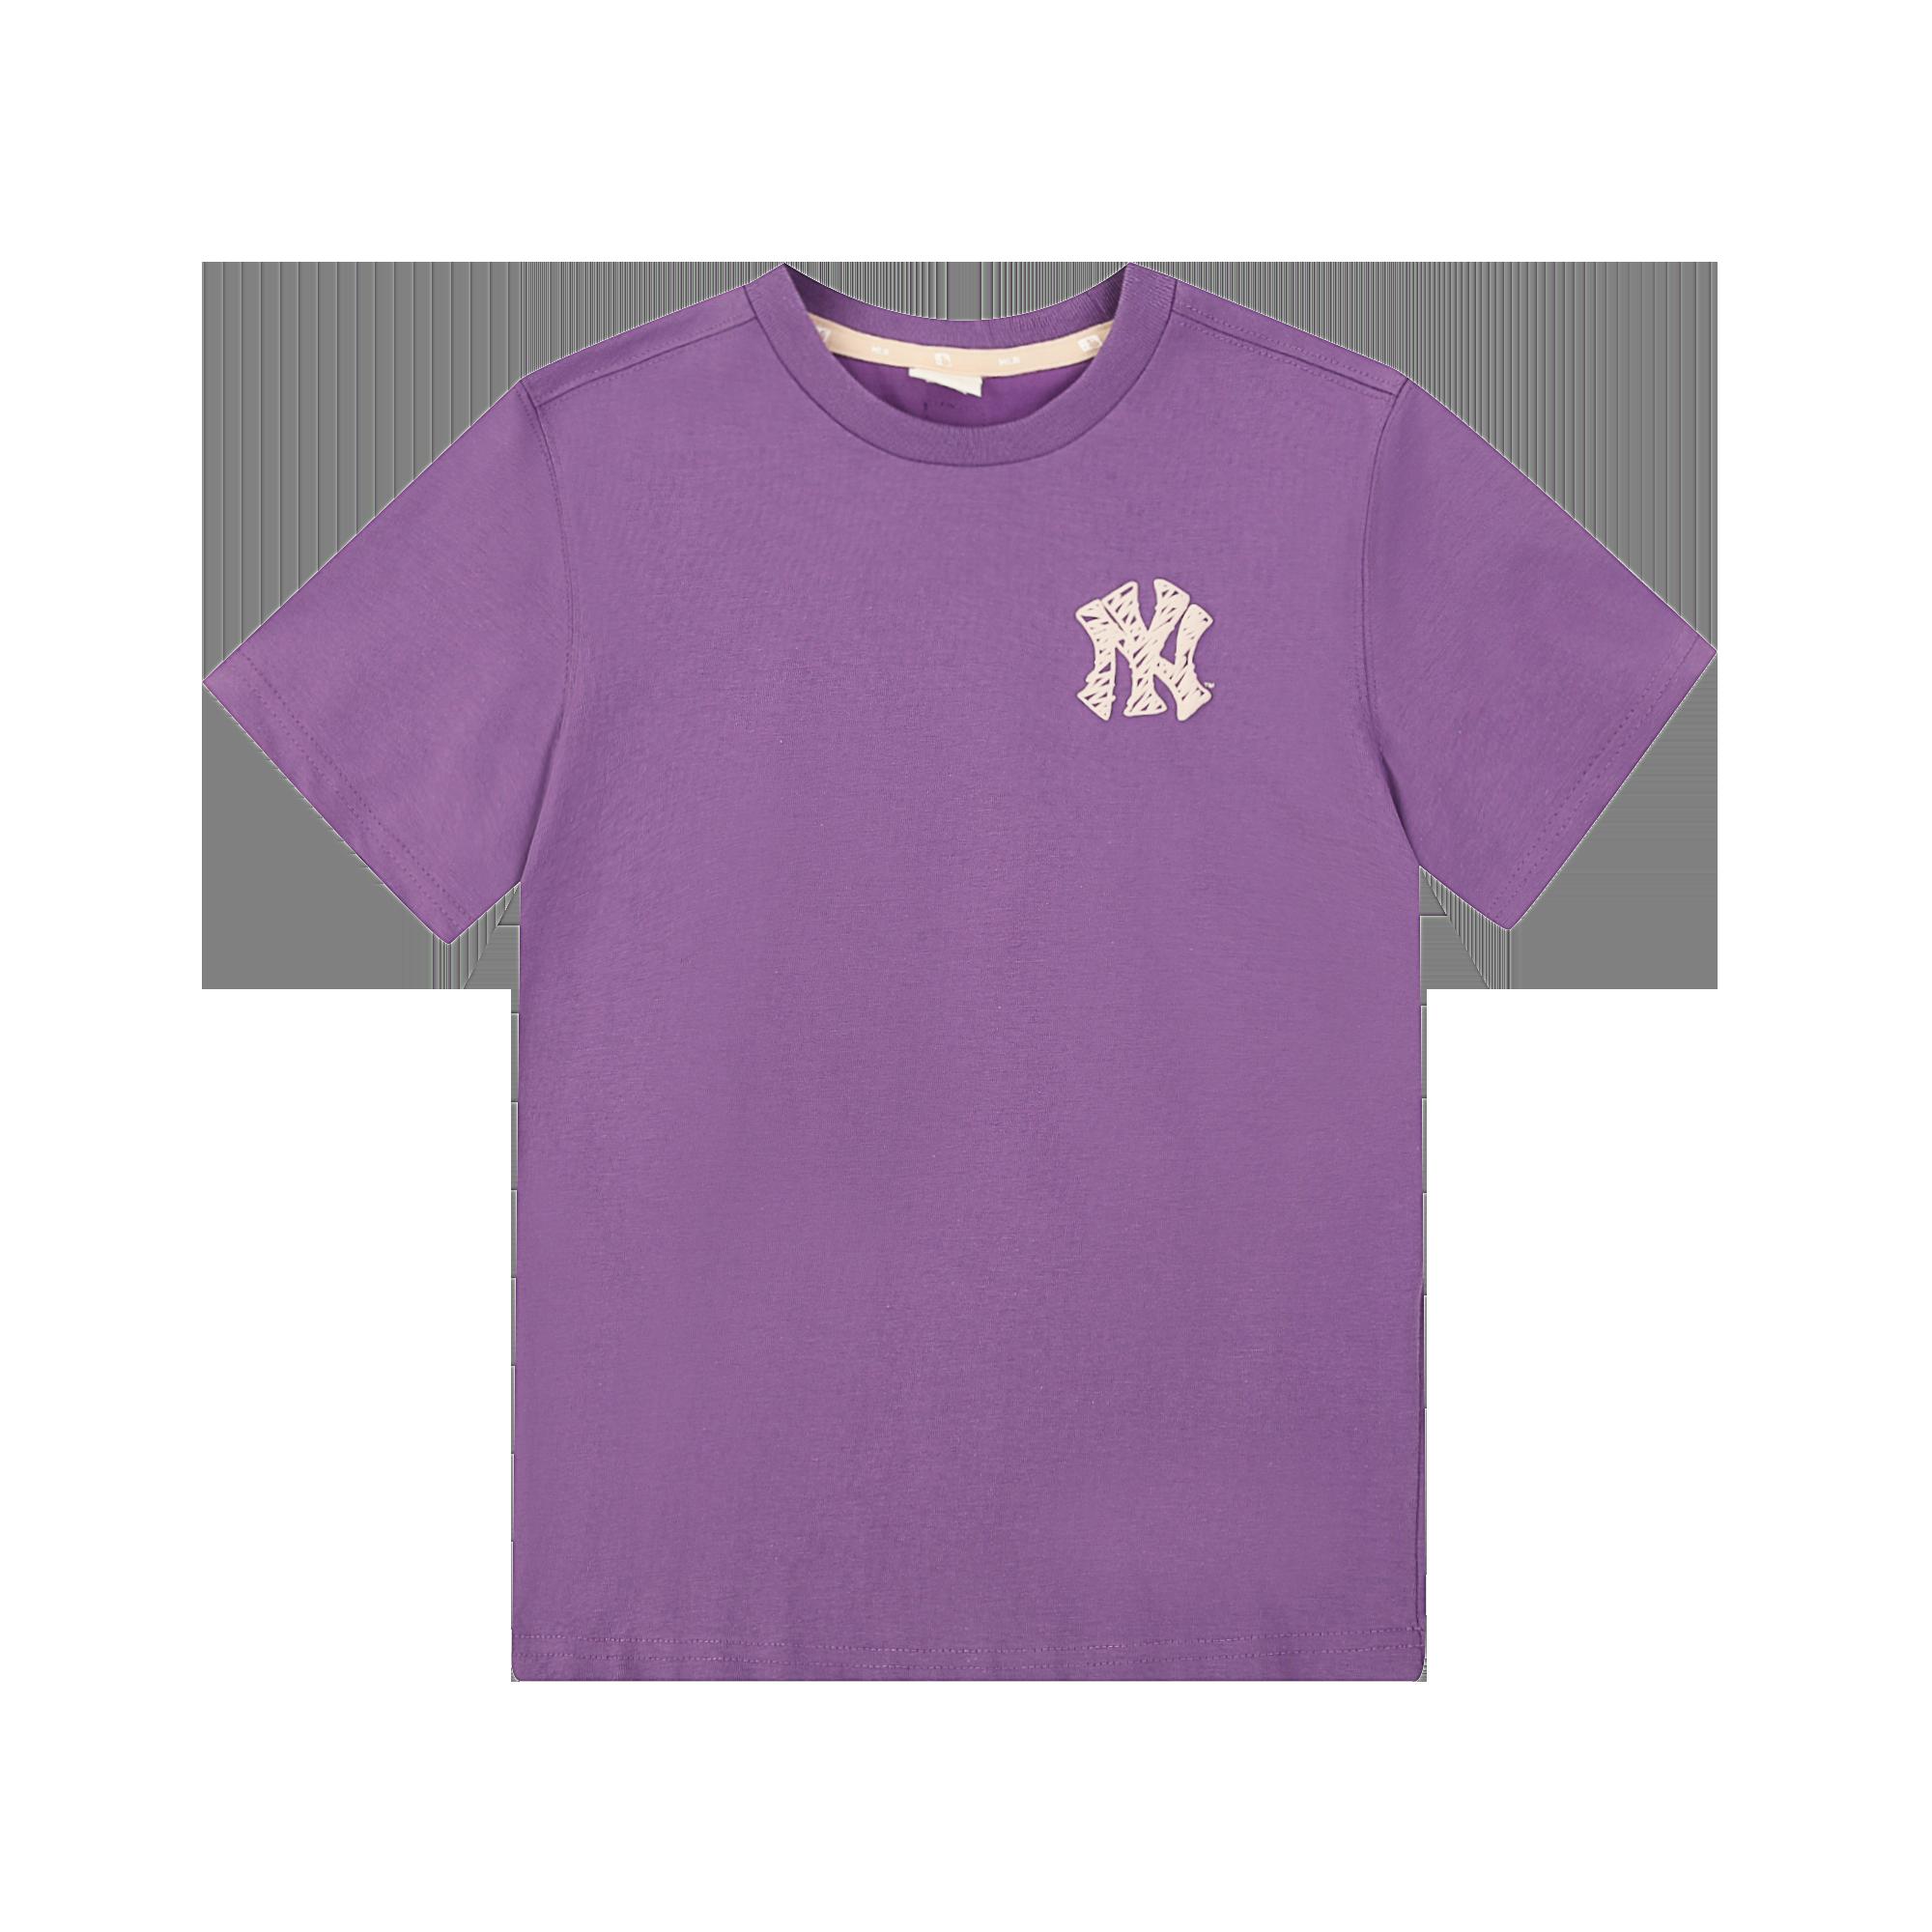 엠엘비 라이크 팝콘 티셔츠 뉴욕양키스